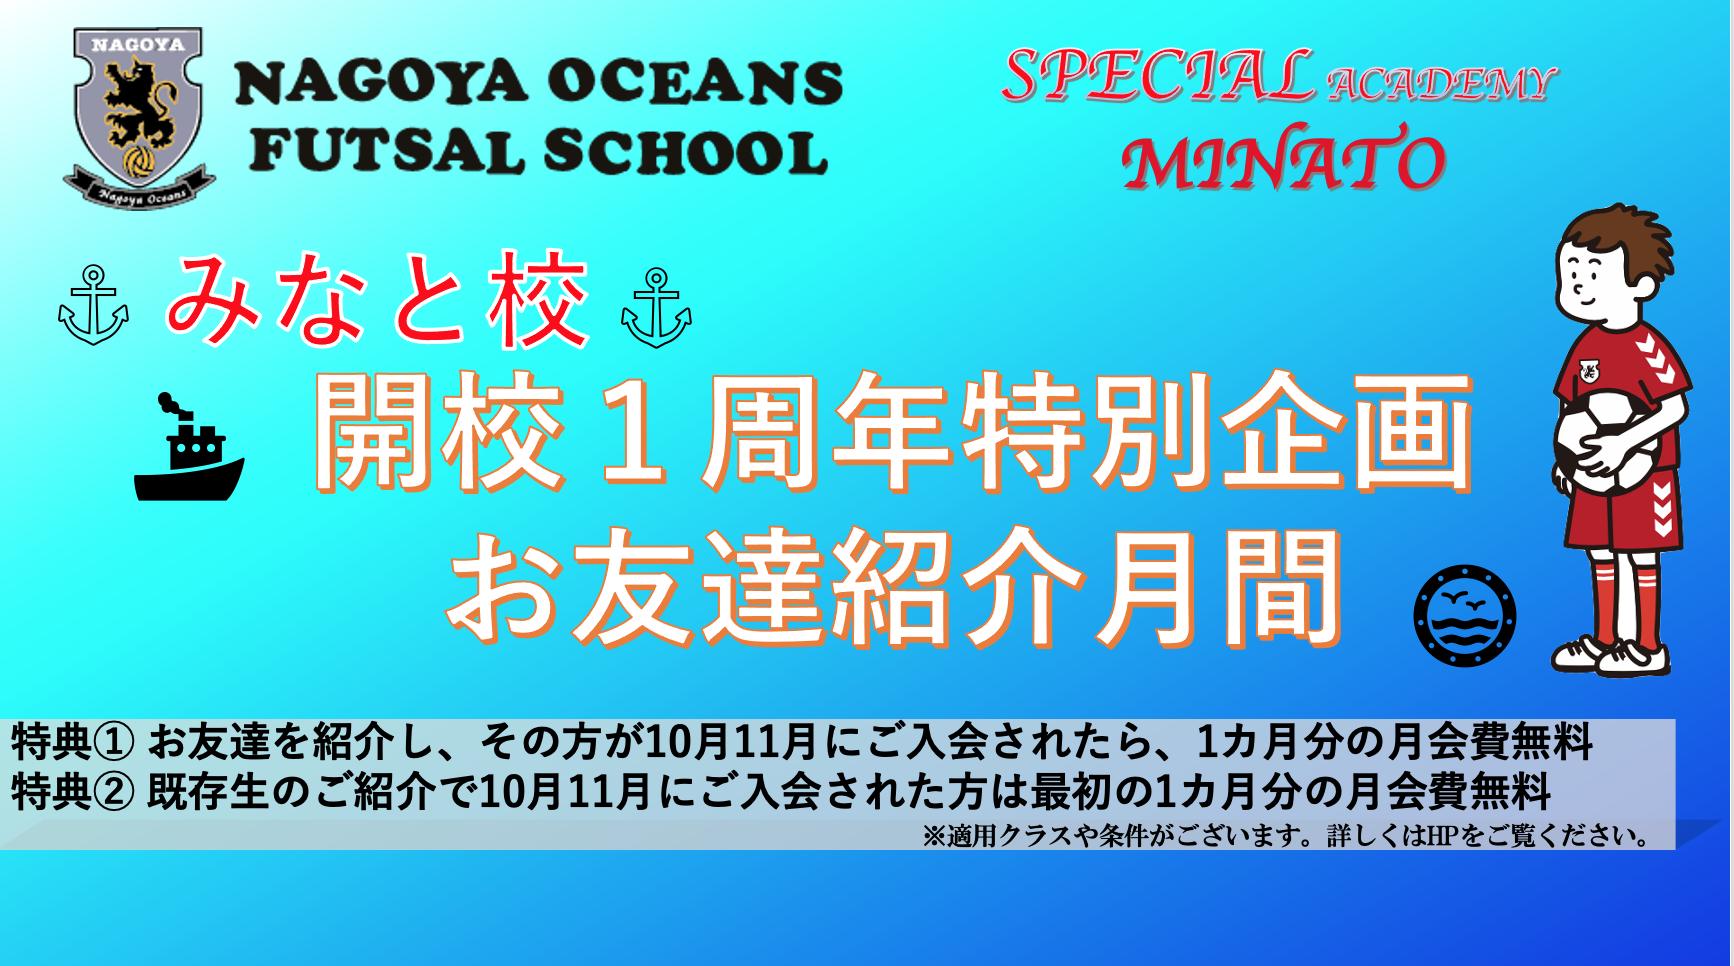 【みなと校】開校1周年記念特別企画 お友達紹介月間